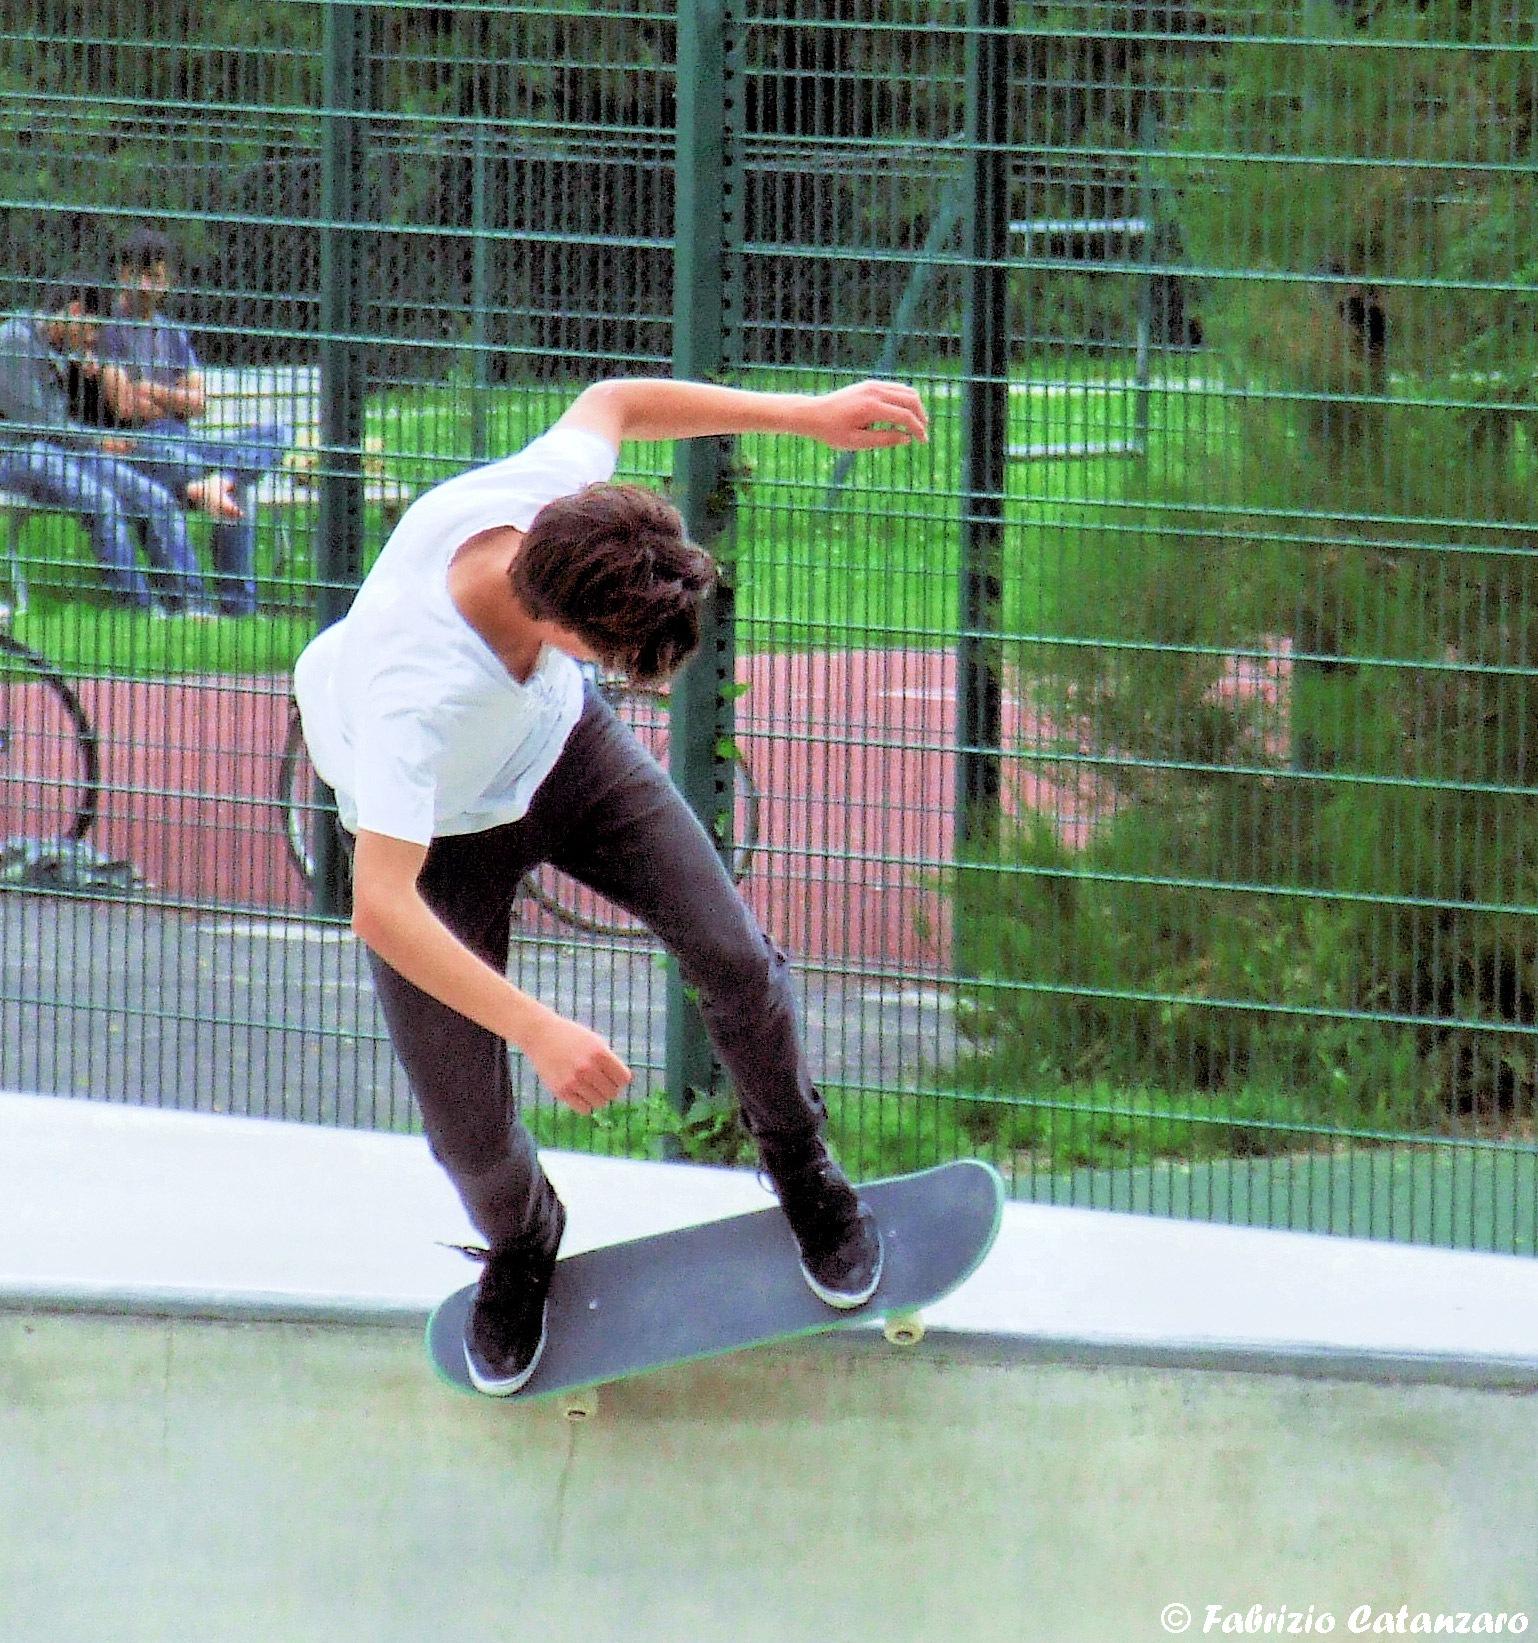 Skateboarding in Bozen n.5 by fabricata